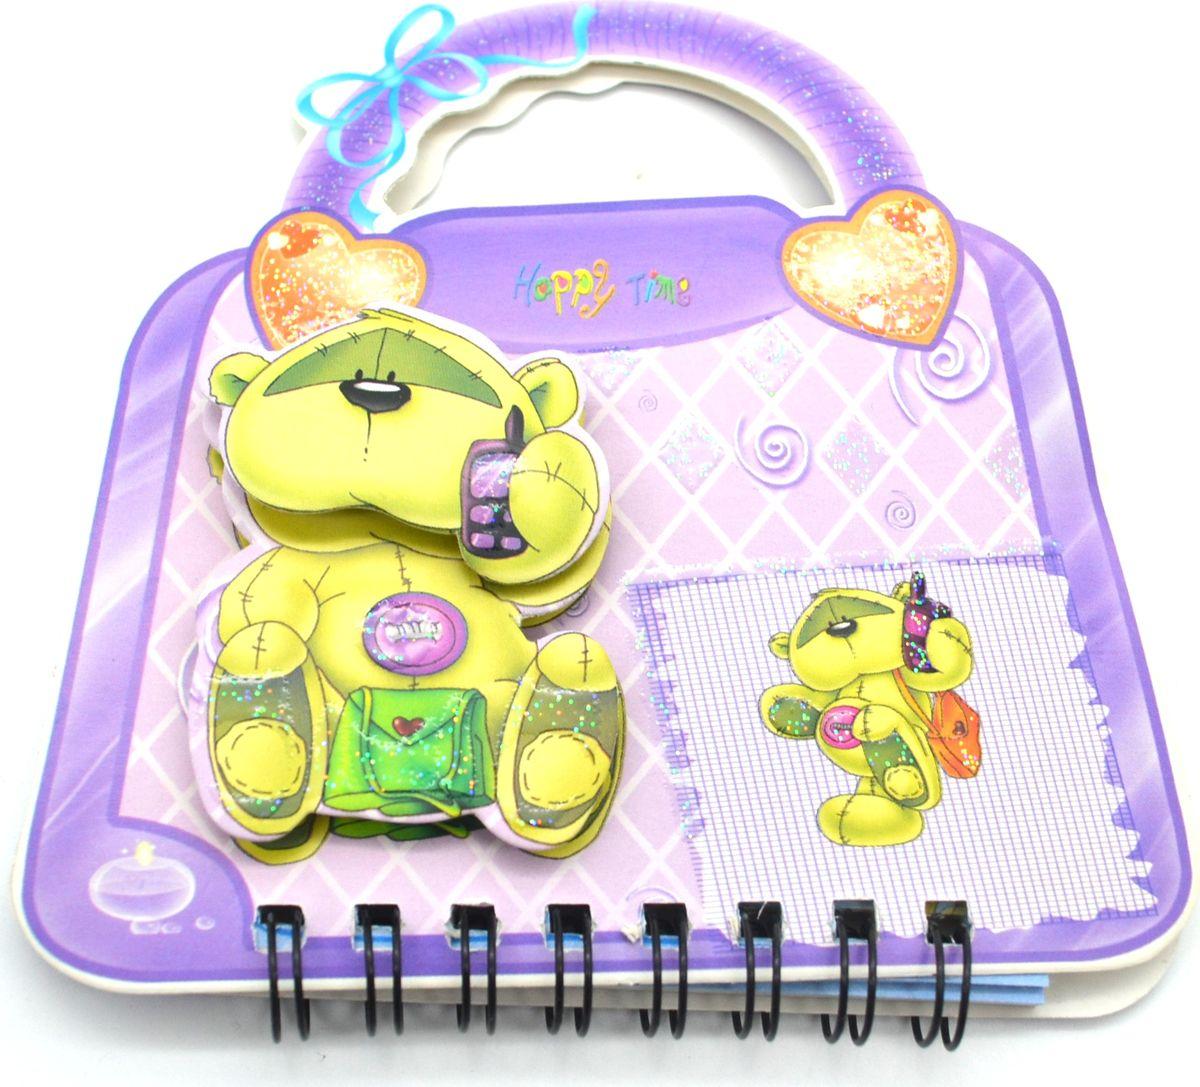 Карамба Блокнот Мишка на сумочке 50 листов в линейку цвет фиолетовый2432Блокнот Карамба Мишка на сумочке с объемным изображением мишки на лицевой стороне выполнен в виде сумочки с ручками. Блокнот содержит 50 листов в линейку. Листики окрашены в голубой и зеленый цвета. На каждом листочке изображен мишка.